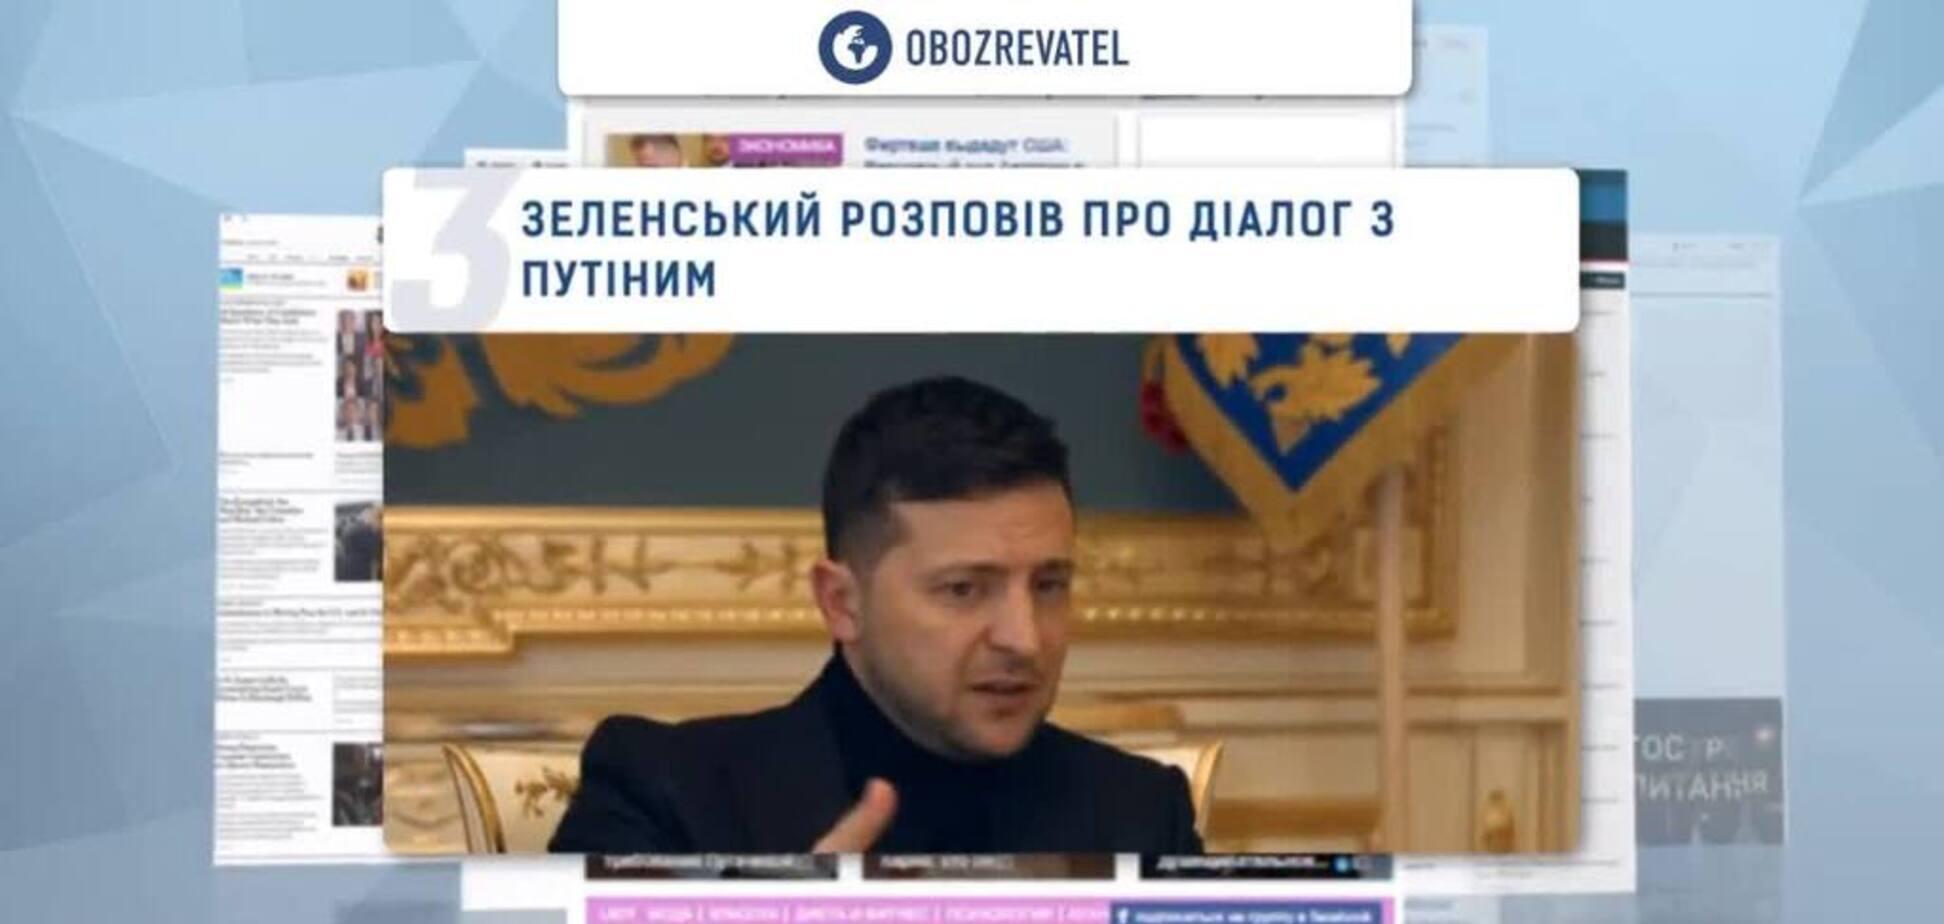 TOP 5 NEWS 25.01.2020